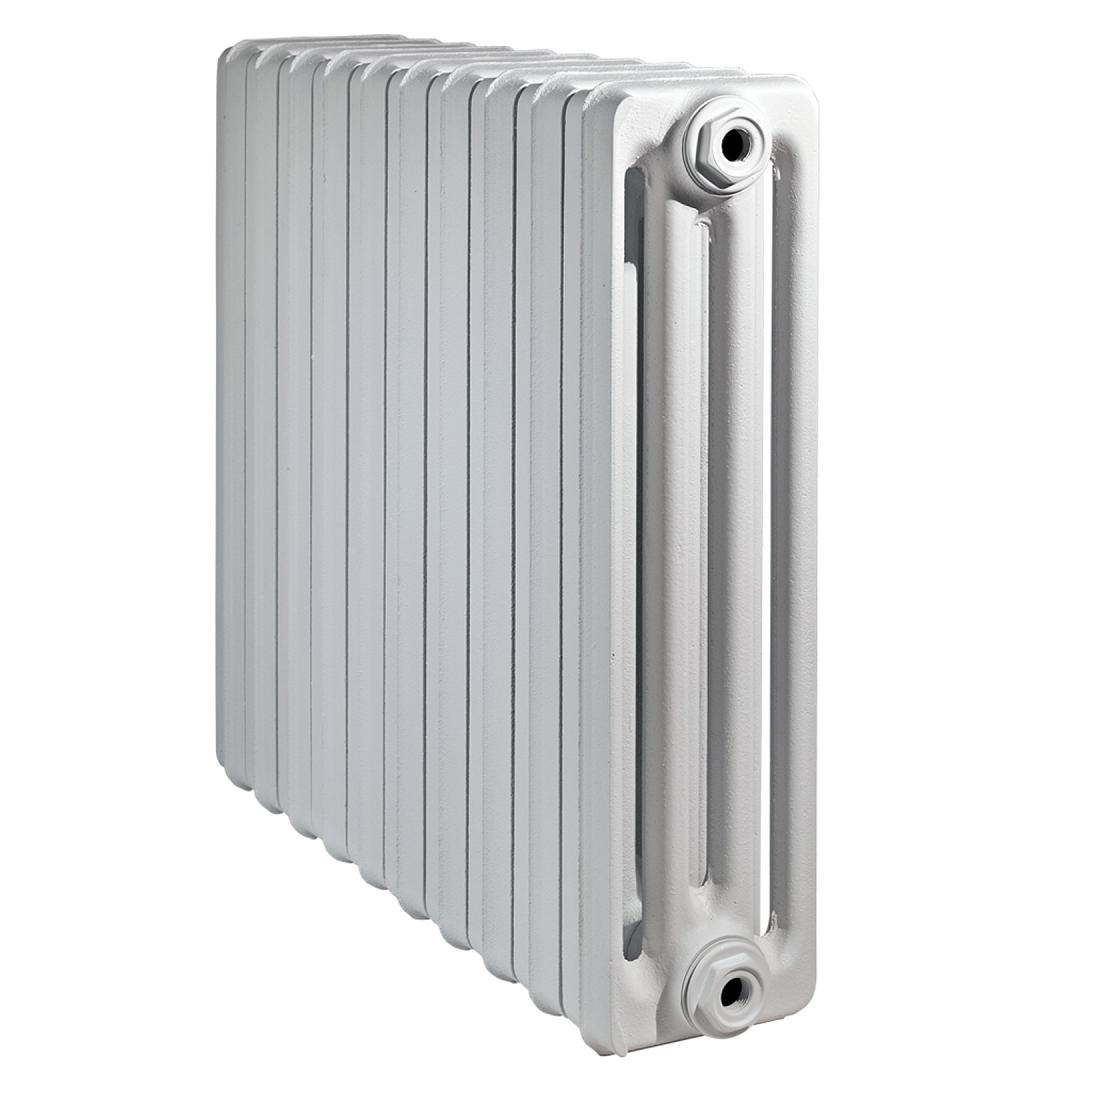 Чугунный радиатор VIADRUS Kalor 3 500/160